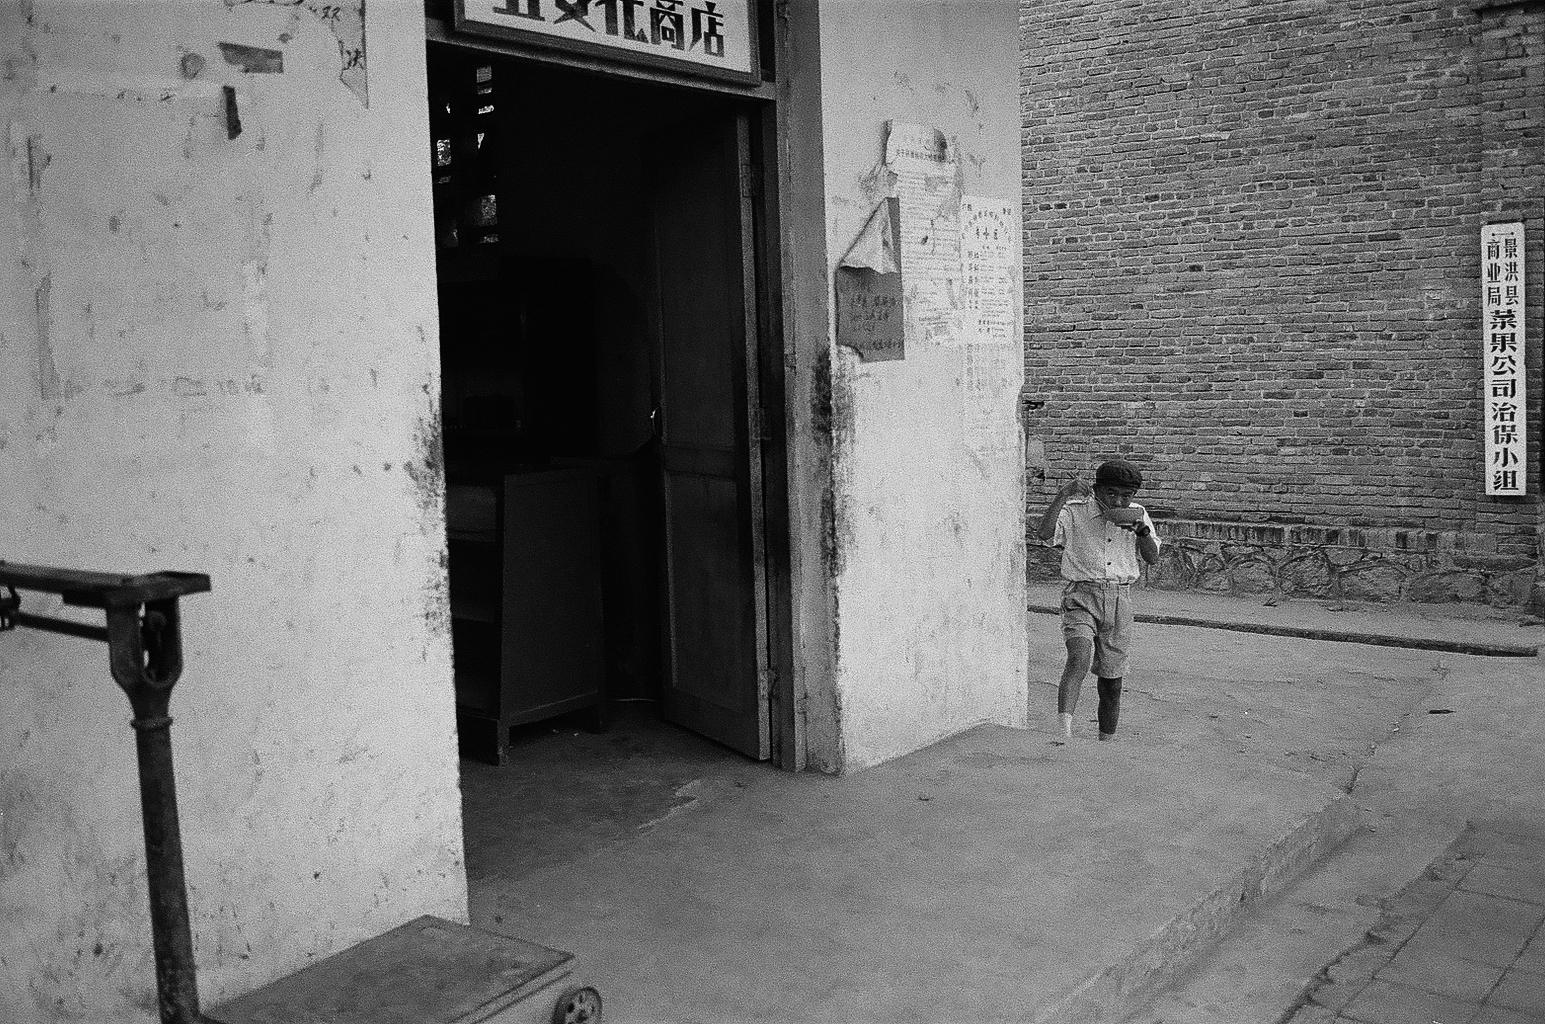 China, Dali, 1985